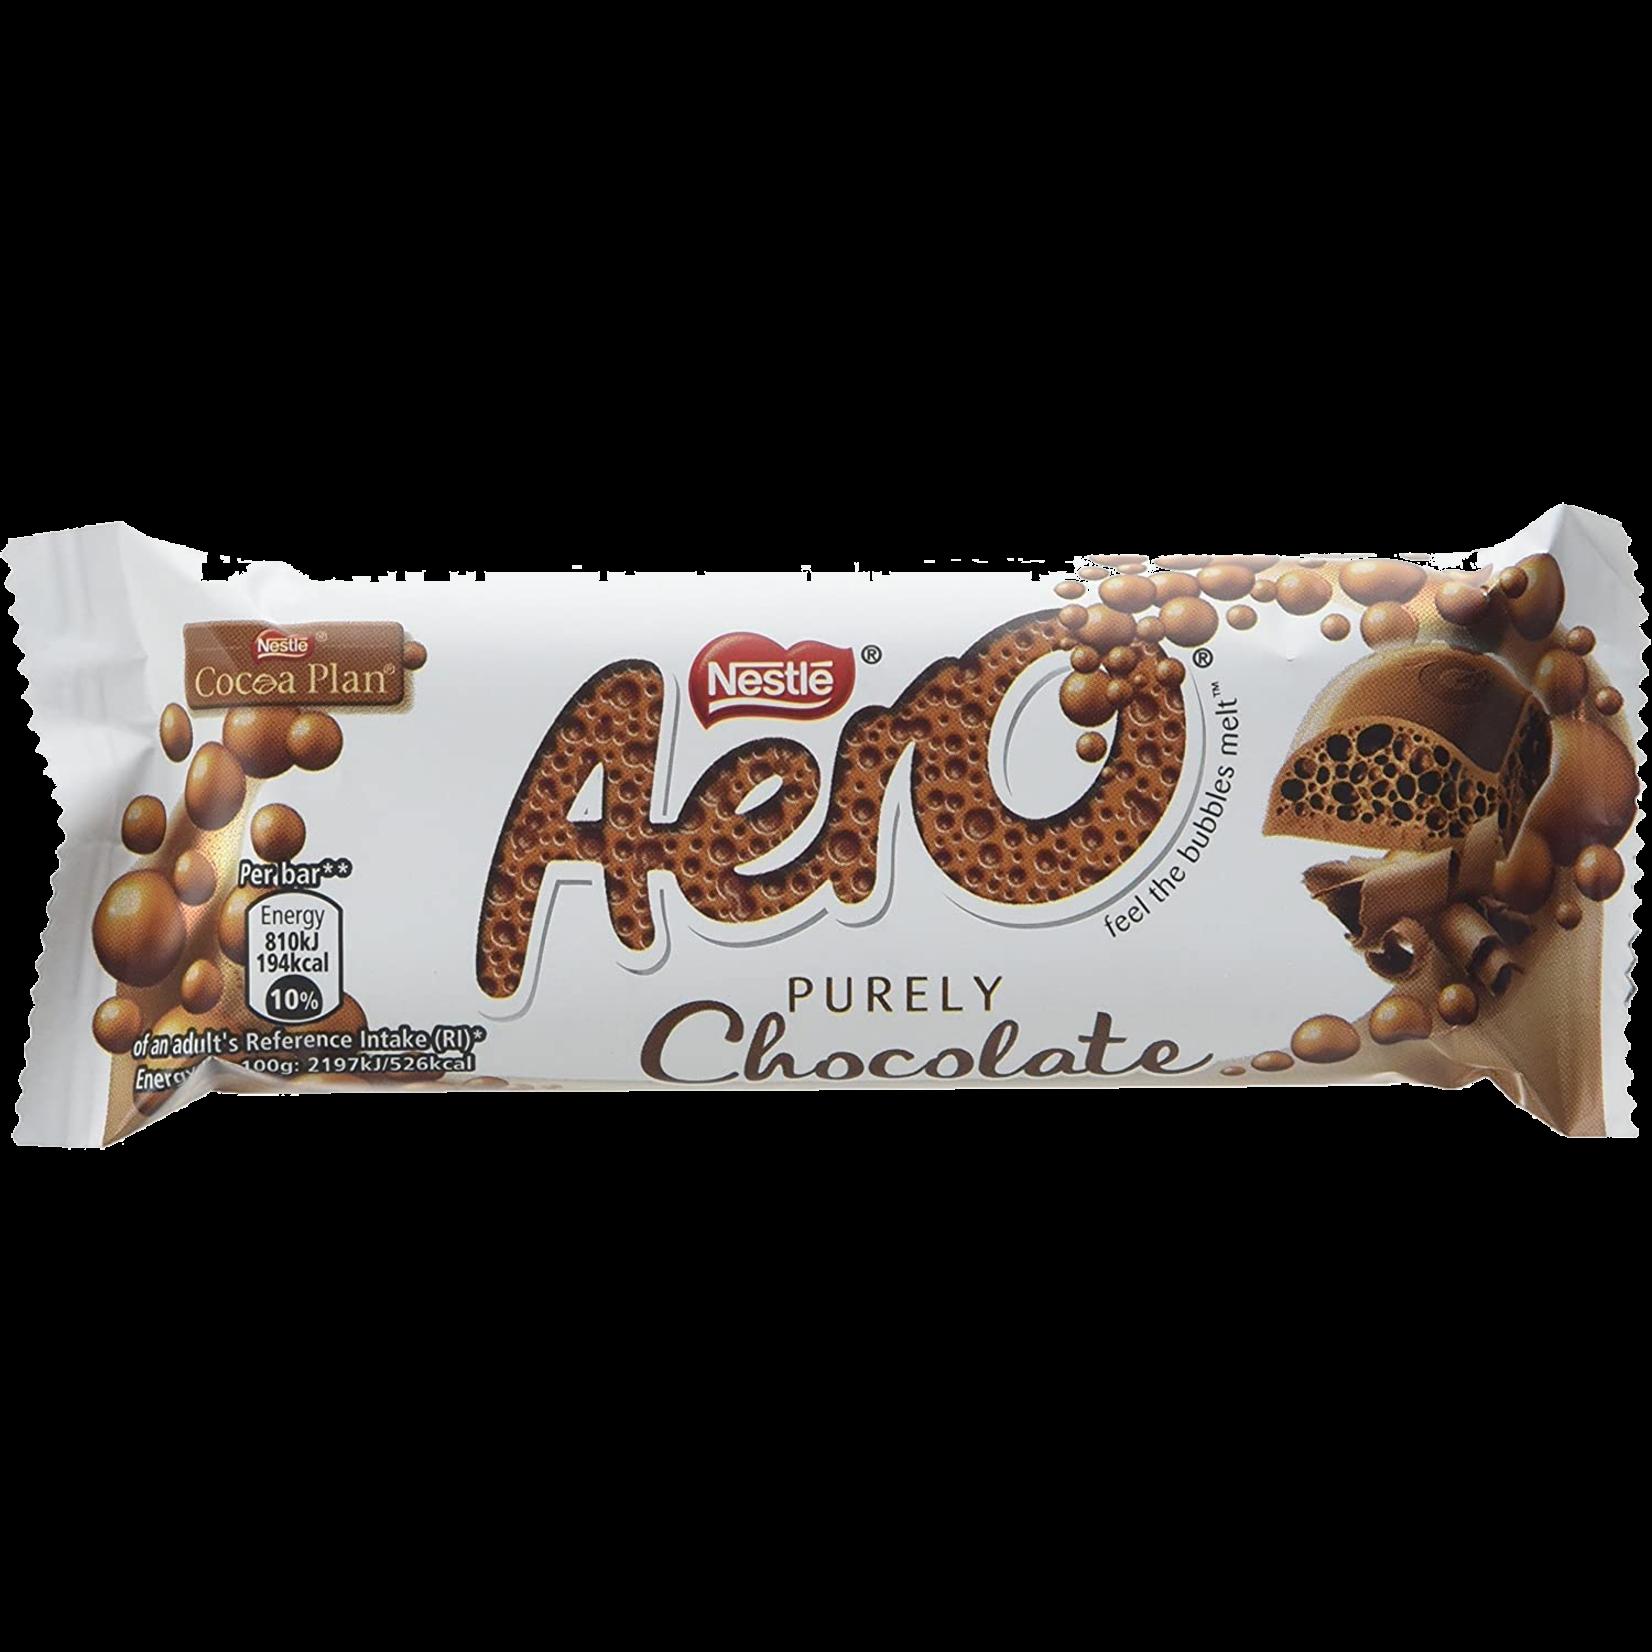 Aero Milk Chocolate, 36g